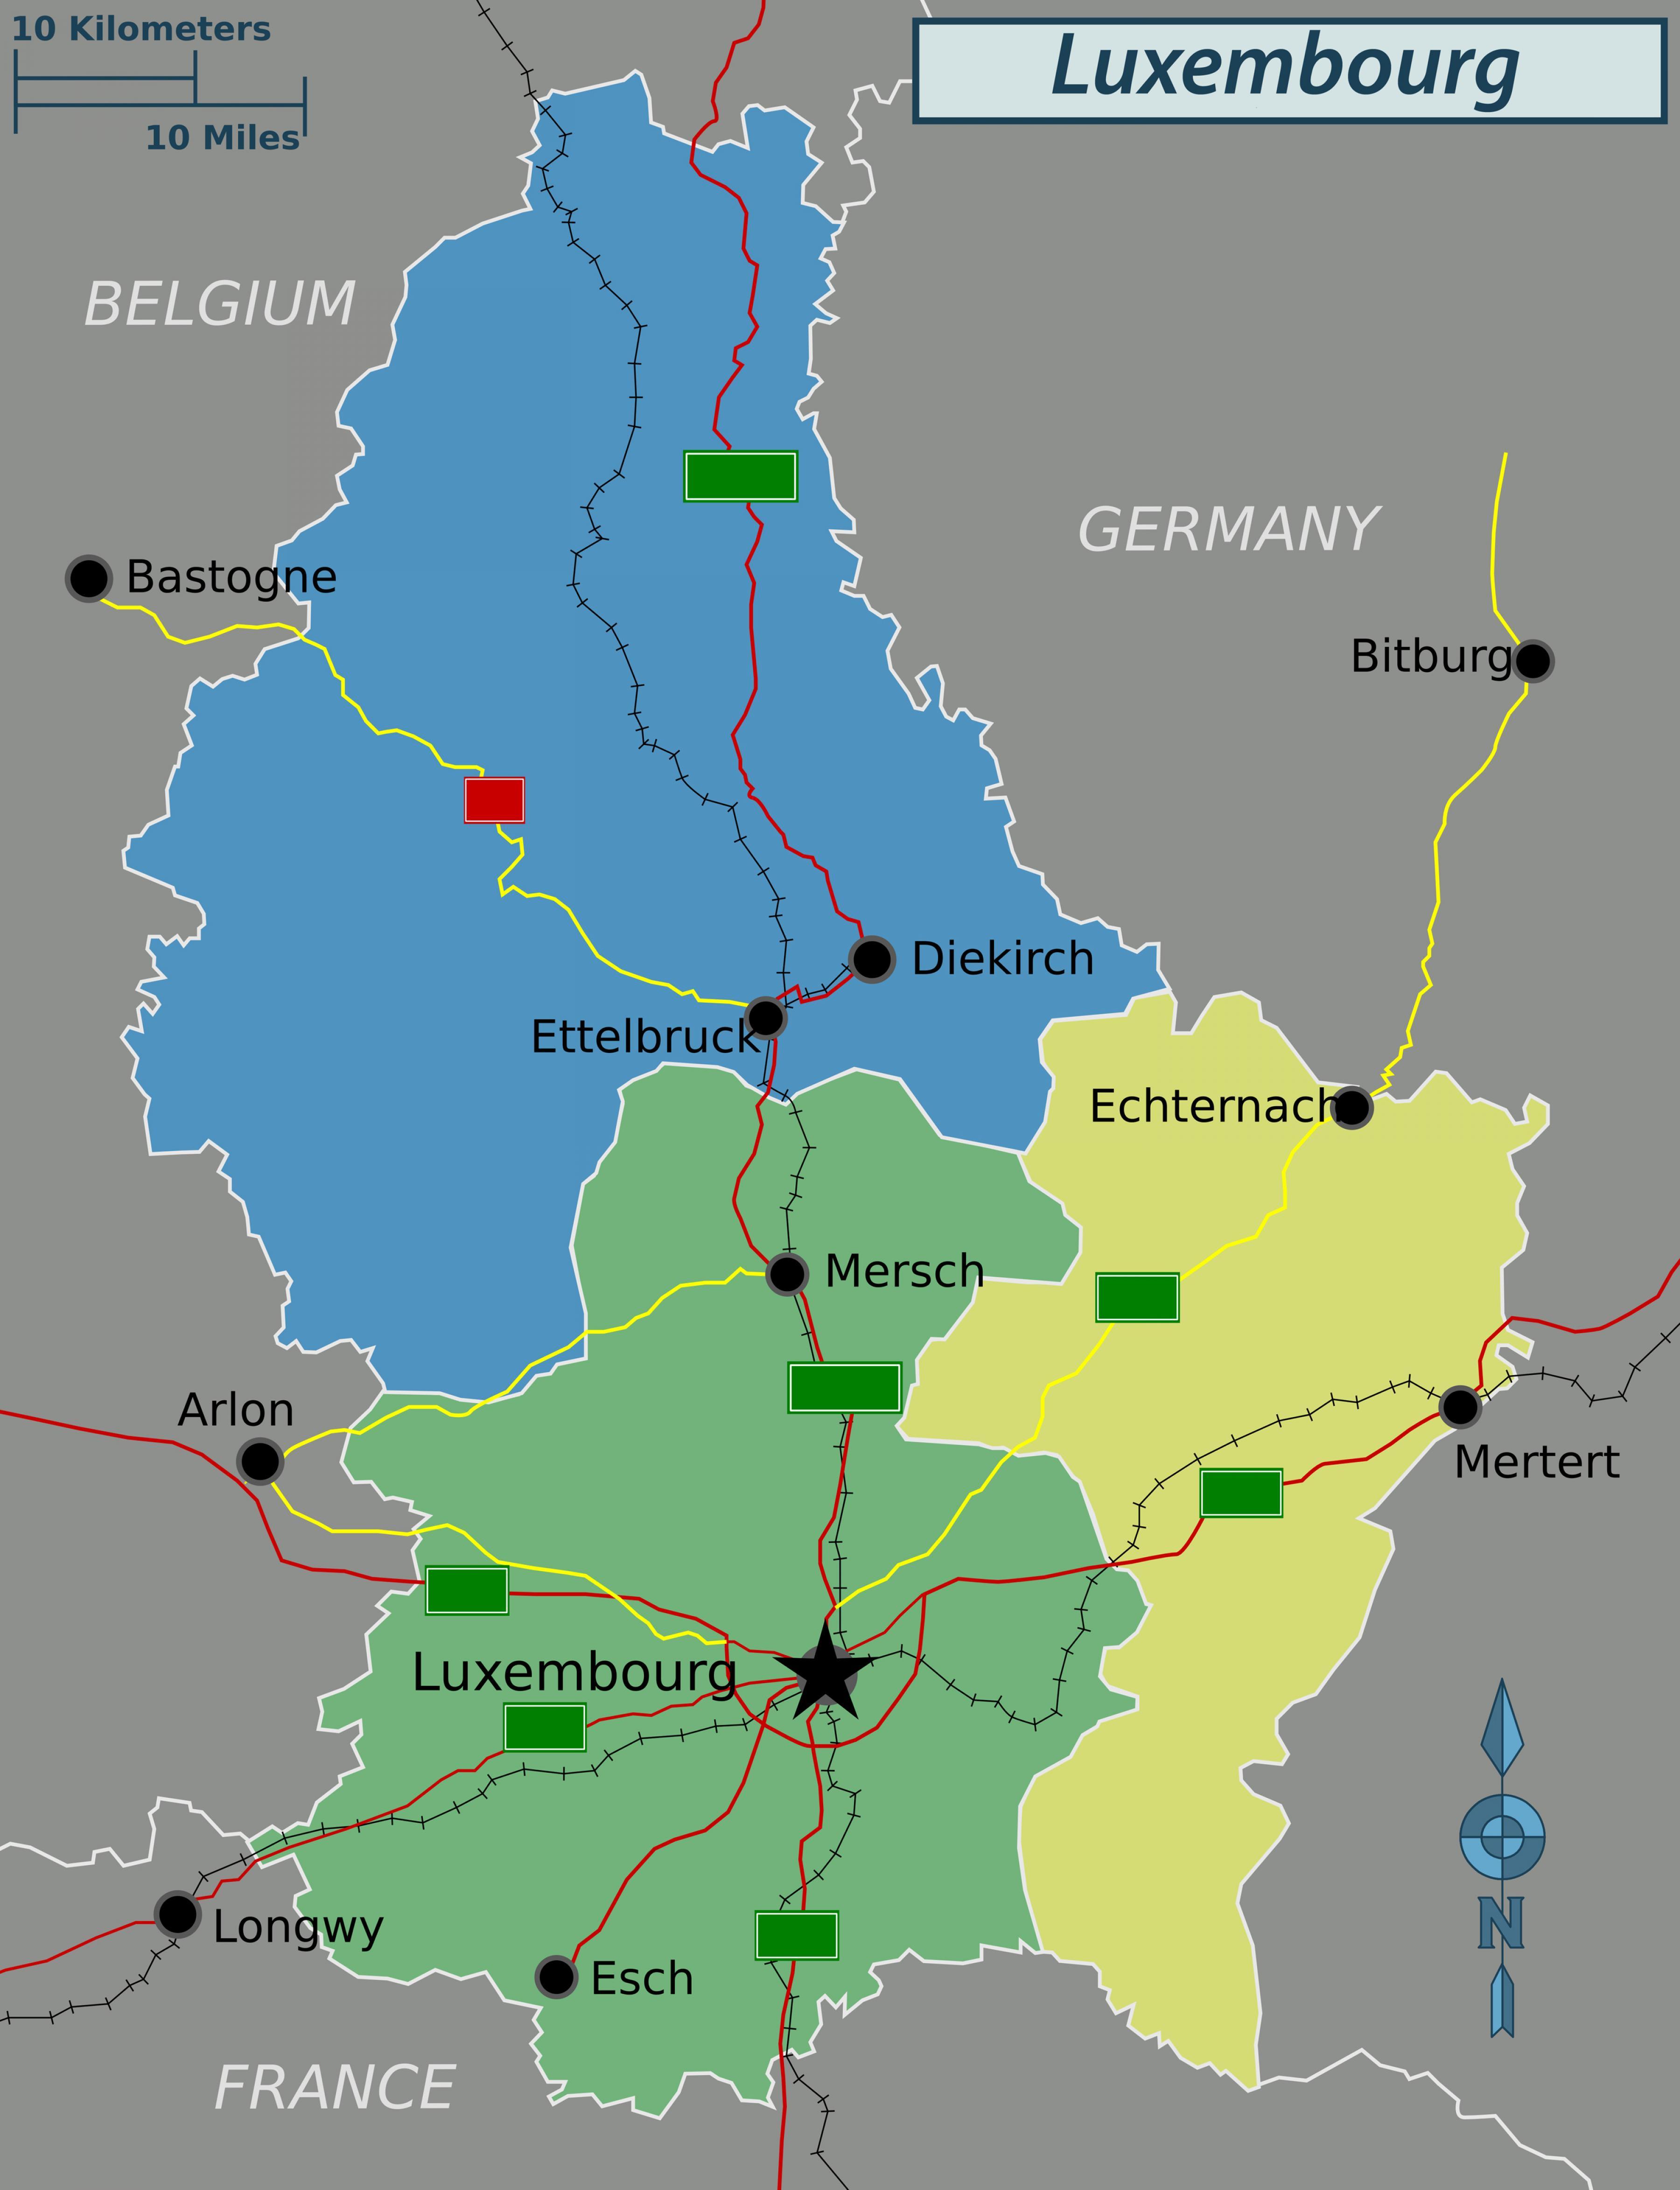 Luxemburgin Poliittinen Kartta Kartta Luxemburgin Poliittinen